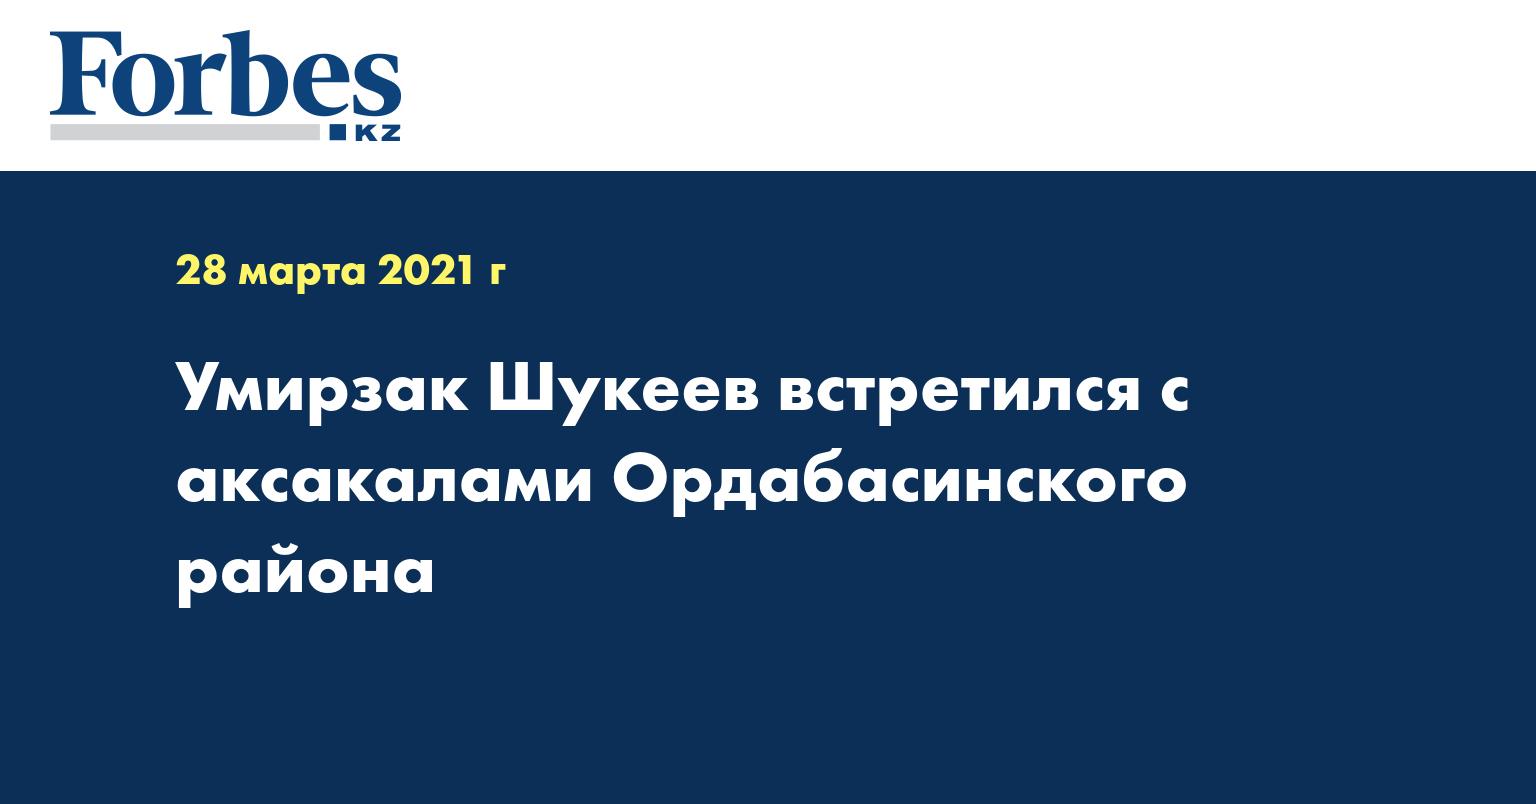 Умирзак Шукеев встретился с аксакалами Ордабасинского района